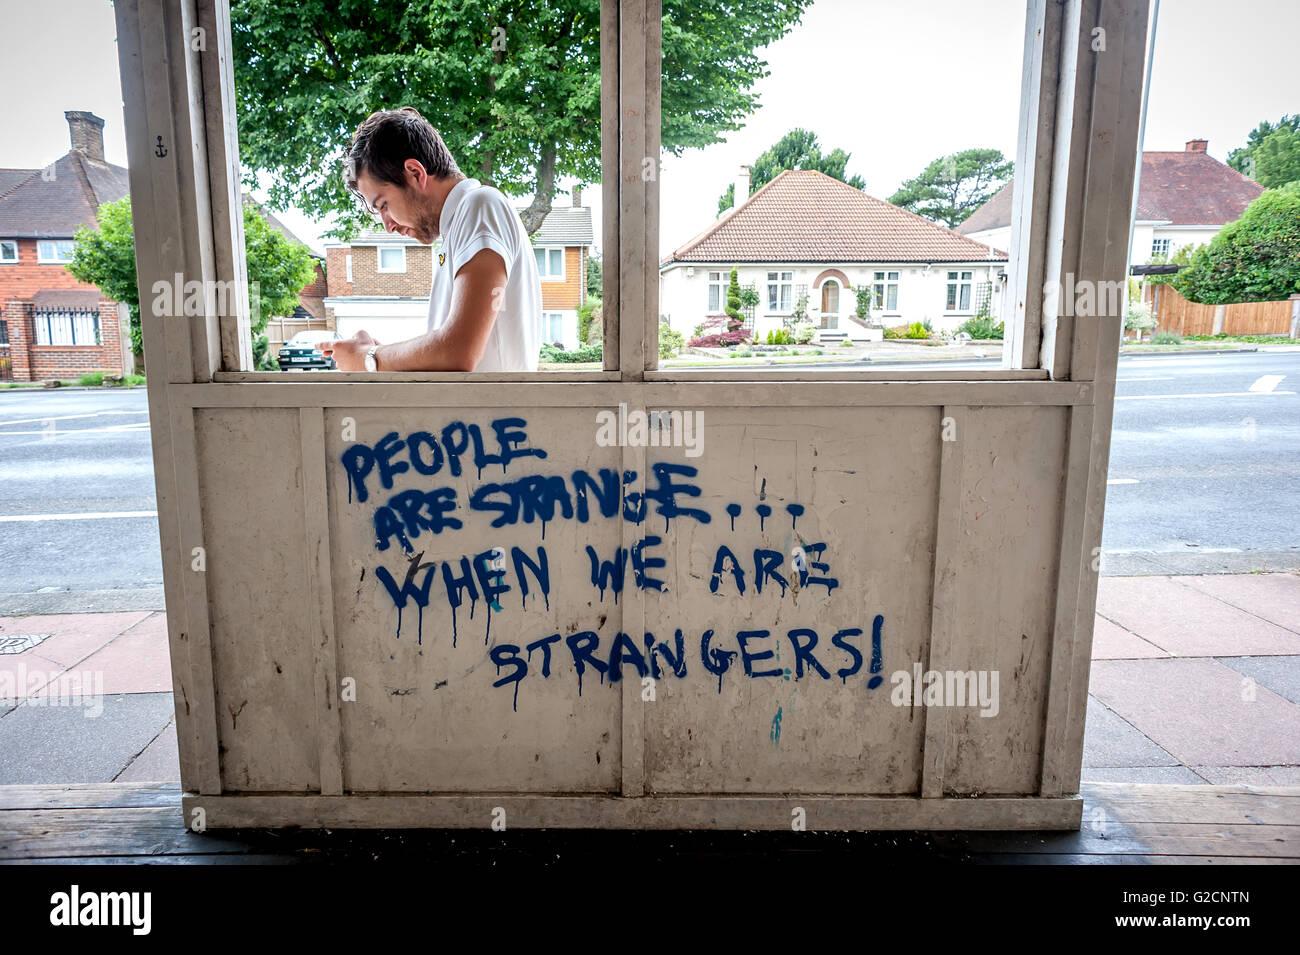 Graffiti in a bus stop in Brighton. - Stock Image